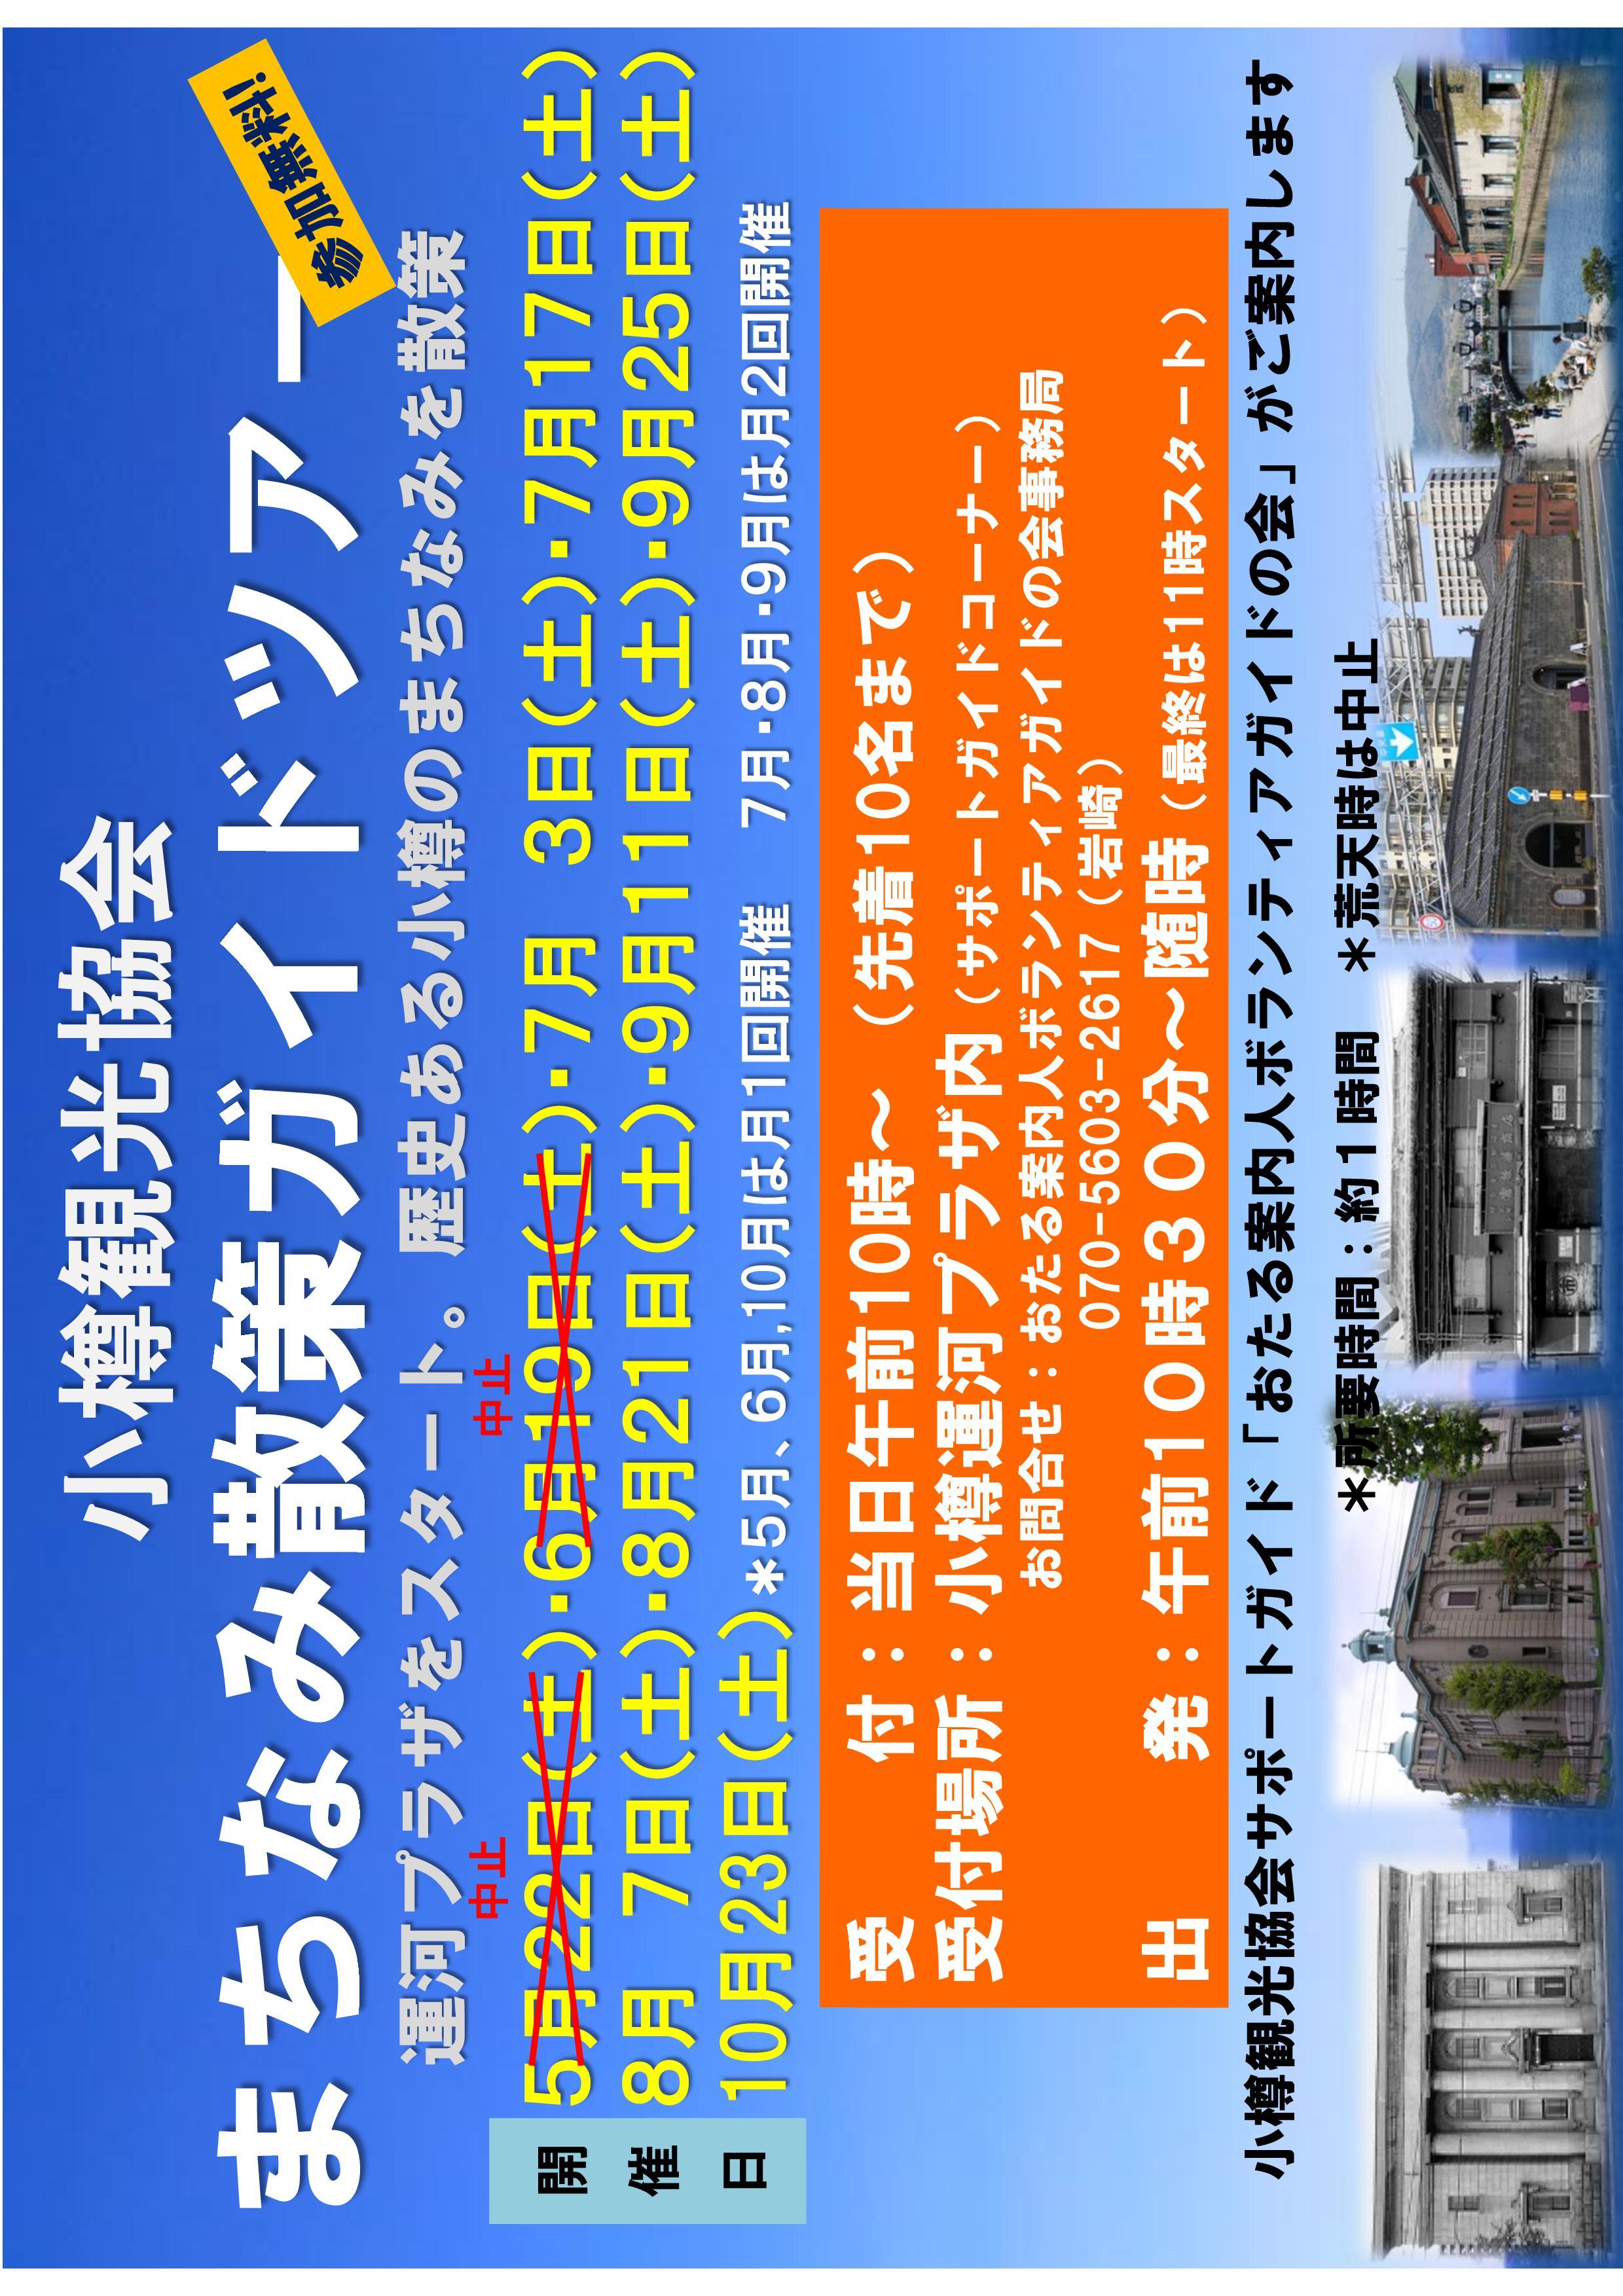 まちなみ散策PDF修正版.jpg